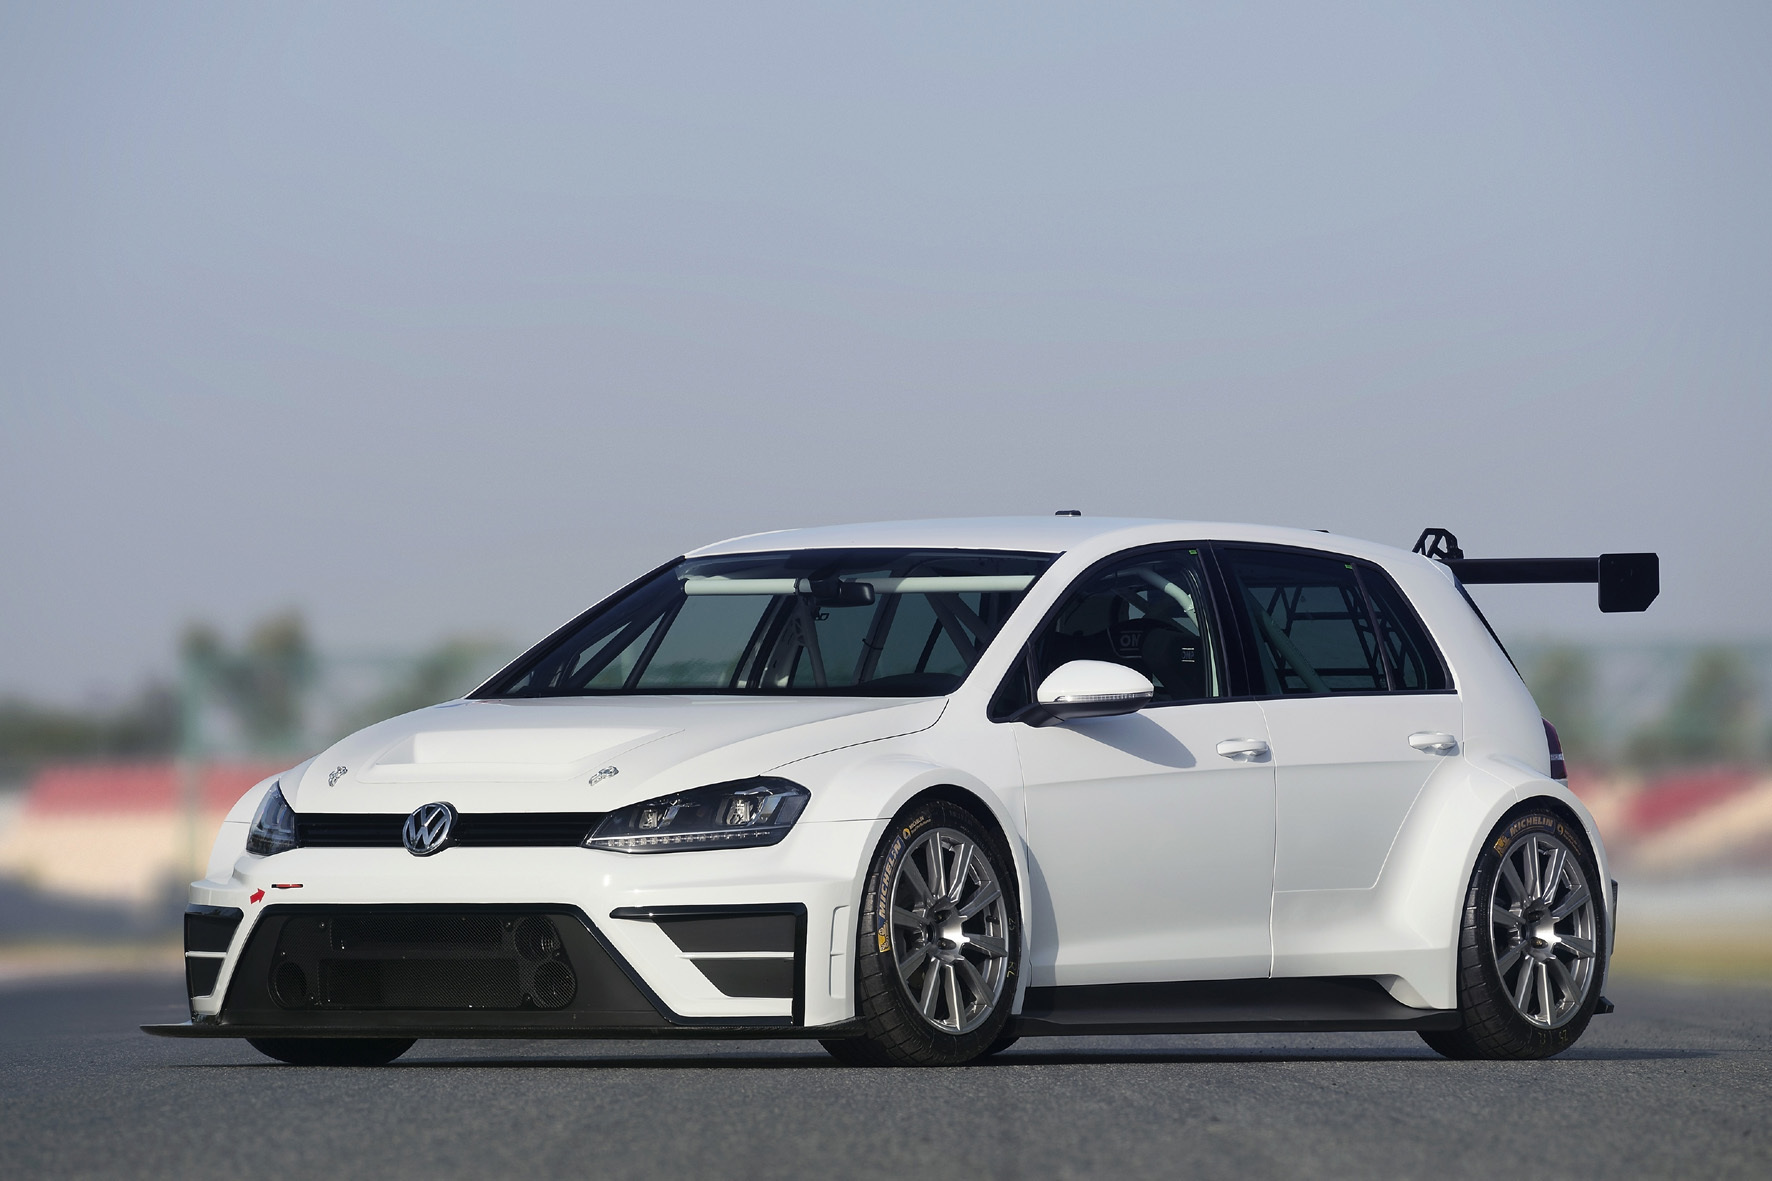 mid Düsseldorf - Tief, breit, stark: Der VW Golf für die Touring Car Racer International Series hat gegenüber der Serie ein um etwa 40 Zentimeter verbreiteres Fahrwerk und einen 2,0-Liter-Turbobenziner mit 330 PS unter der Haube.